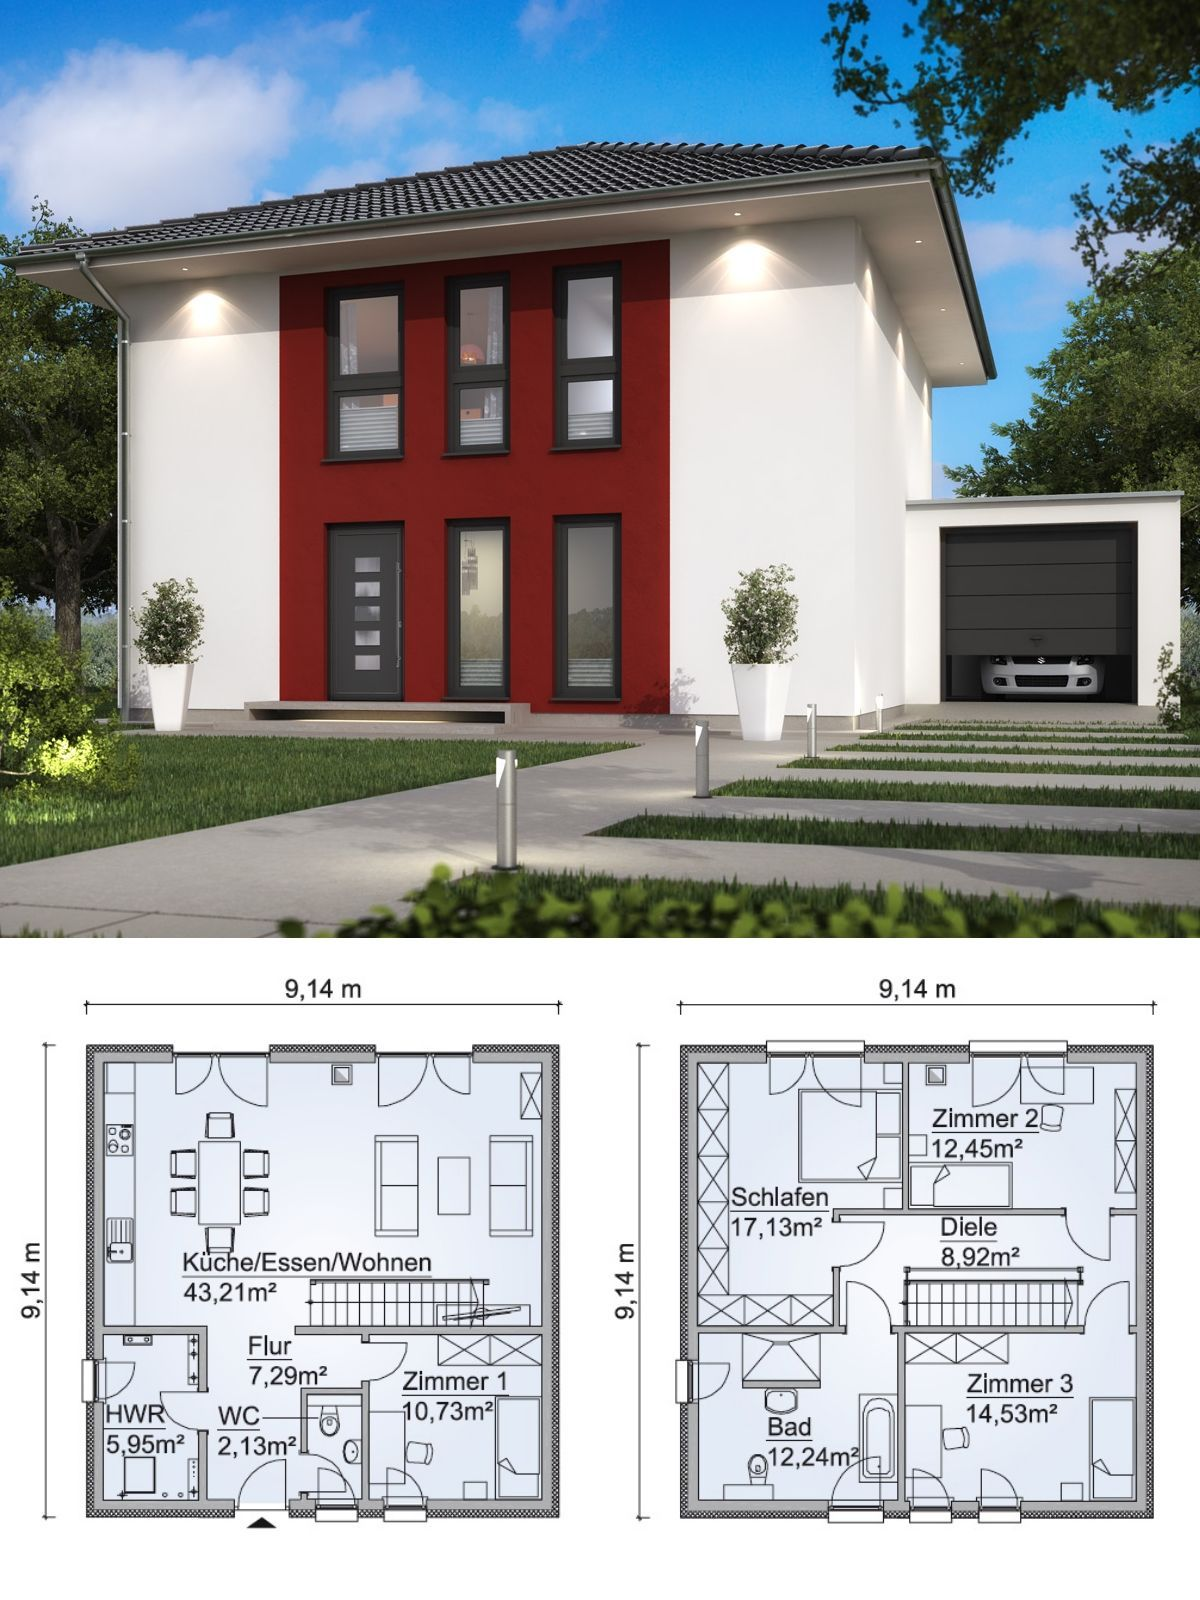 Charmant Stadtvilla Neubau Modern Grundriss Mit Garage U0026 Walmdach Architektur   Haus  Bauen Ideen Fertighaus SH 135